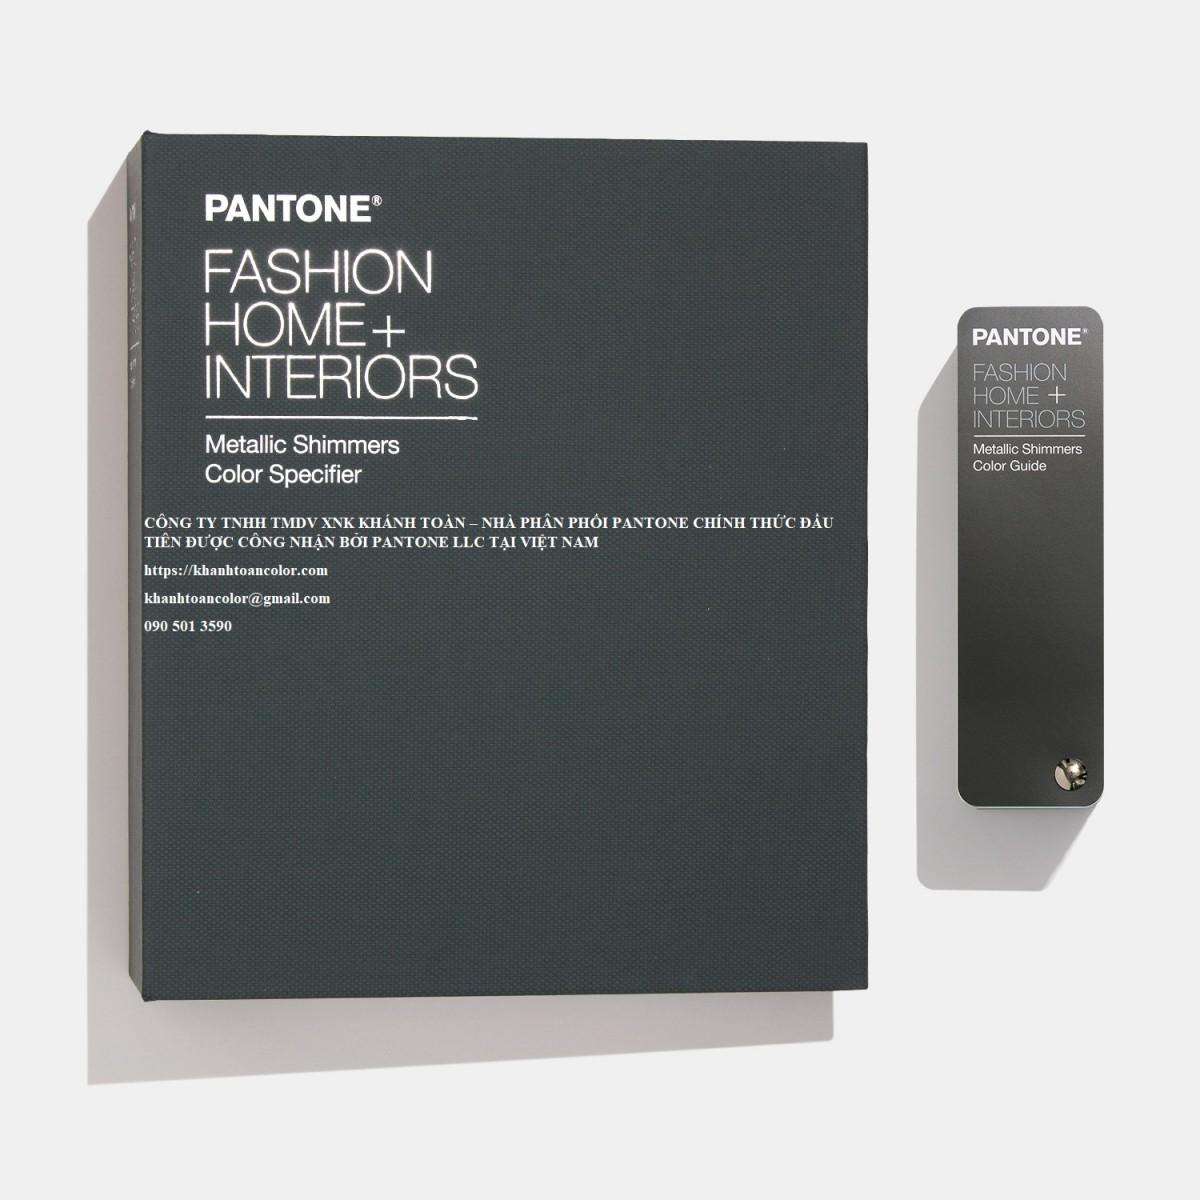 khanhtoancolor.com - Bảng màu Pantone FHI Metallics Shimmer & Guide FHIP530N (1)